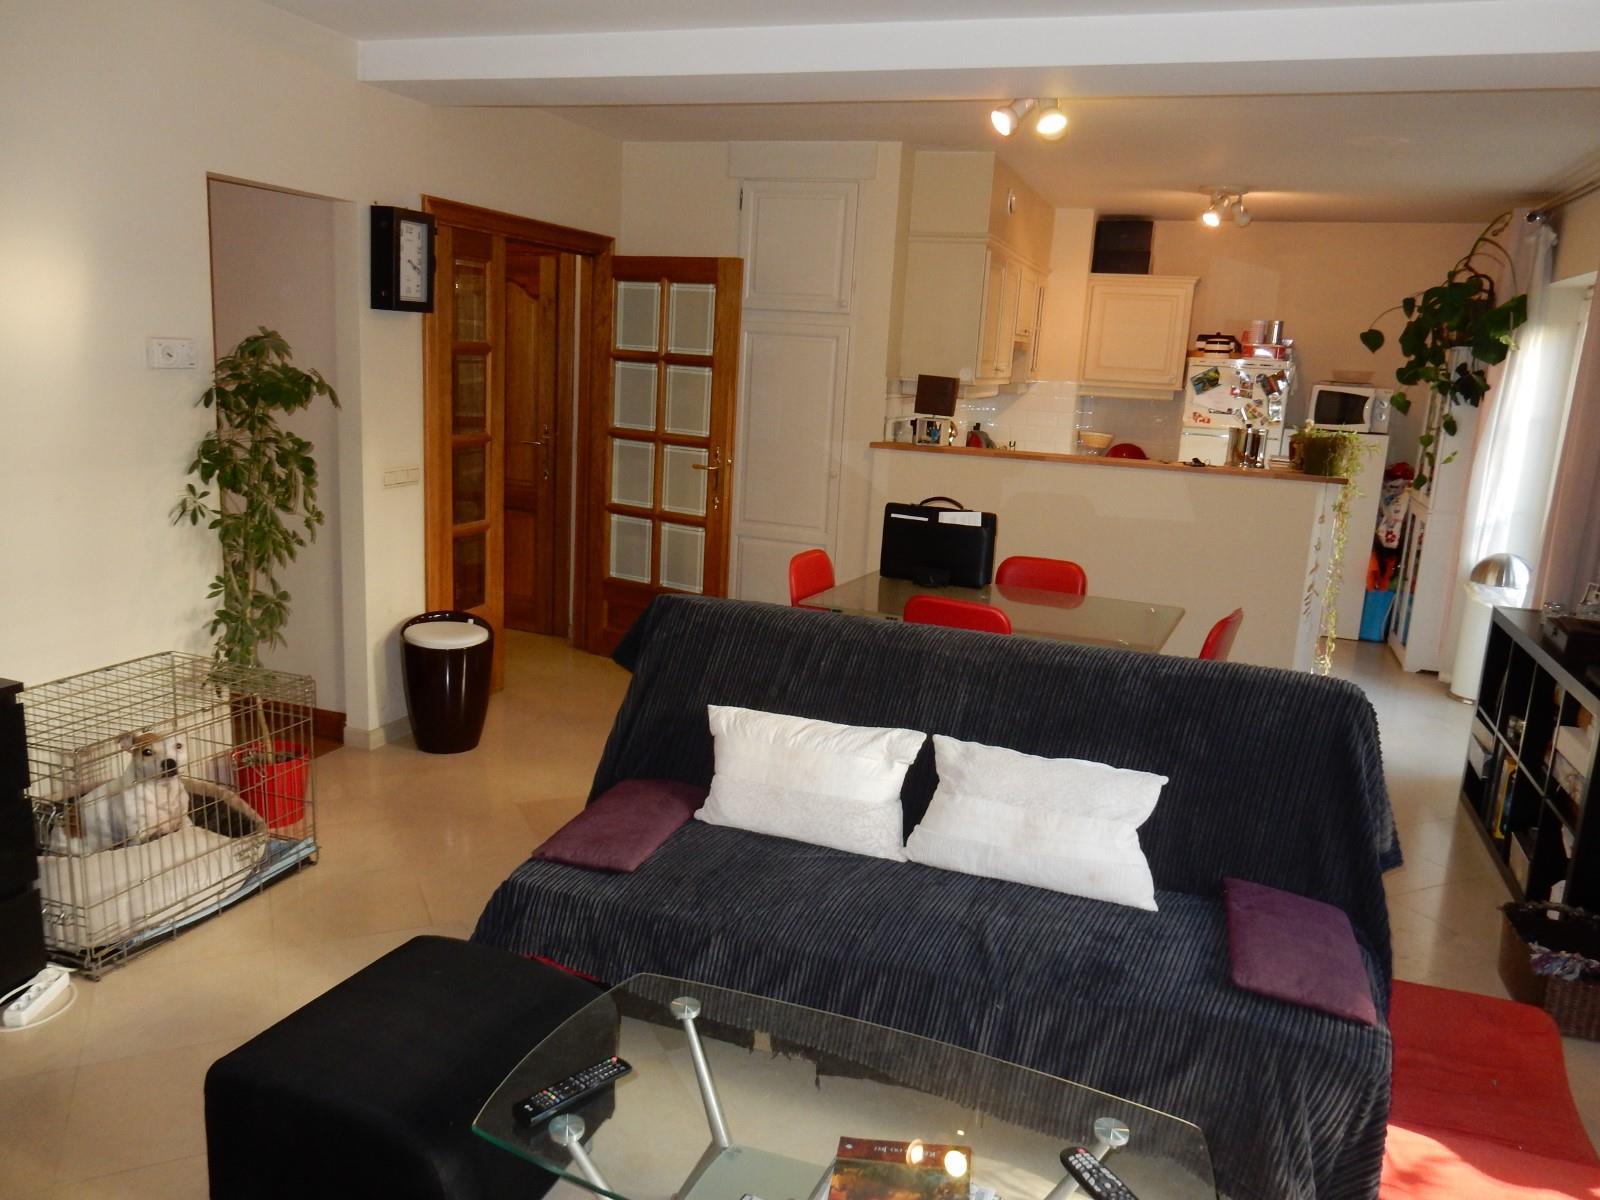 Gelijkvloerse verdieping - Woluwe-Saint-Pierre - #2905684-4